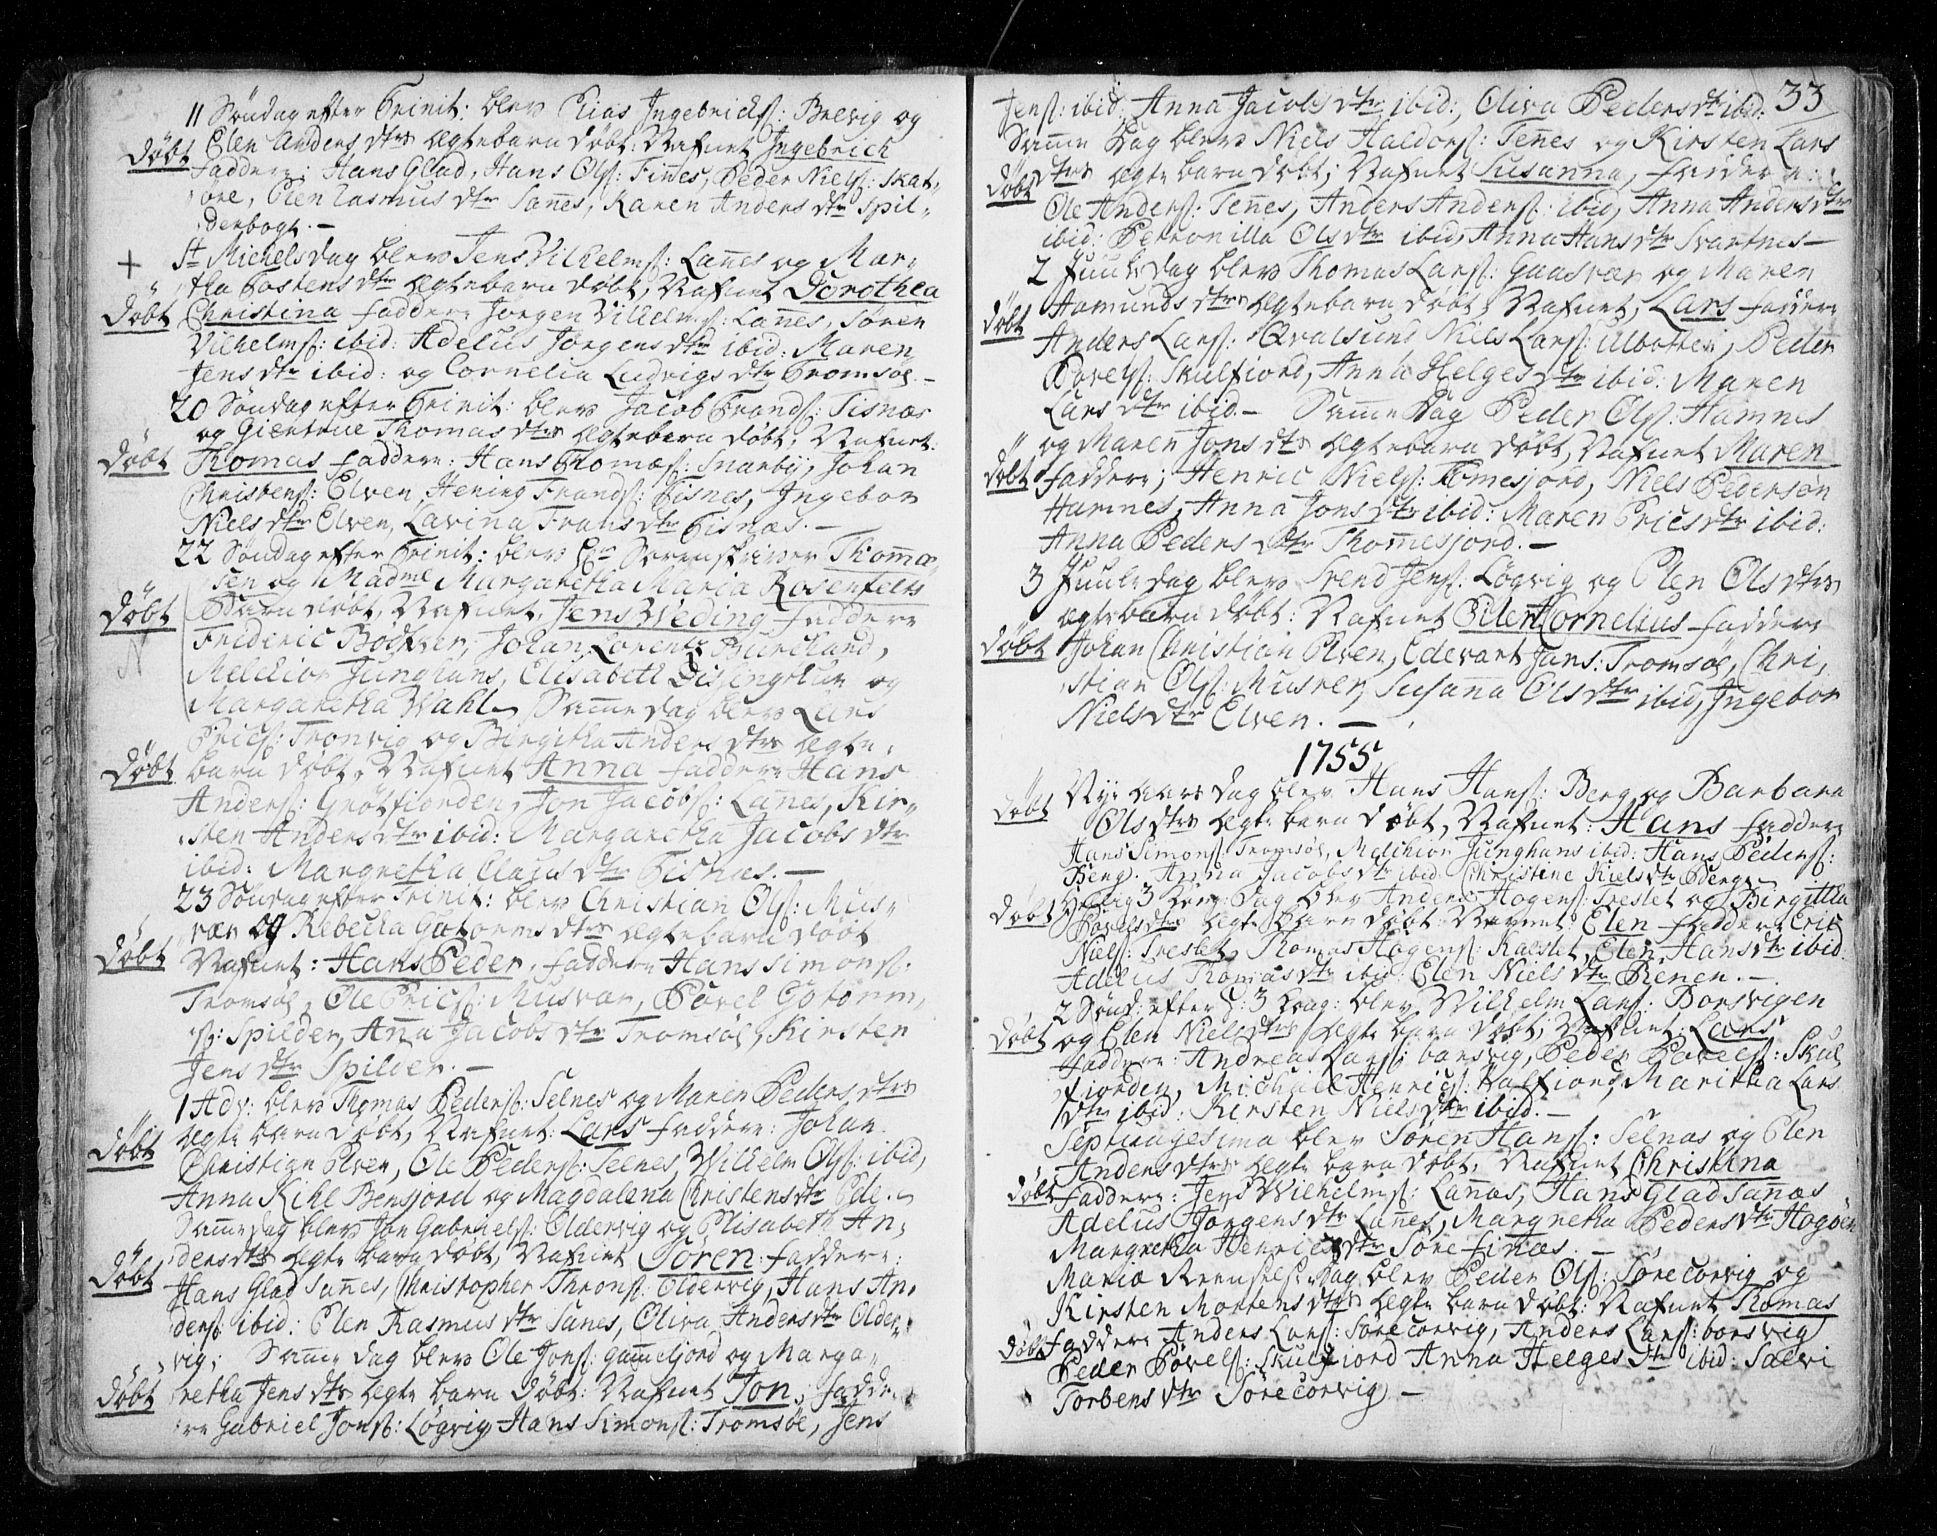 SATØ, Tromsø sokneprestkontor/stiftsprosti/domprosti, G/Ga/L0002kirke: Ministerialbok nr. 2, 1753-1778, s. 33